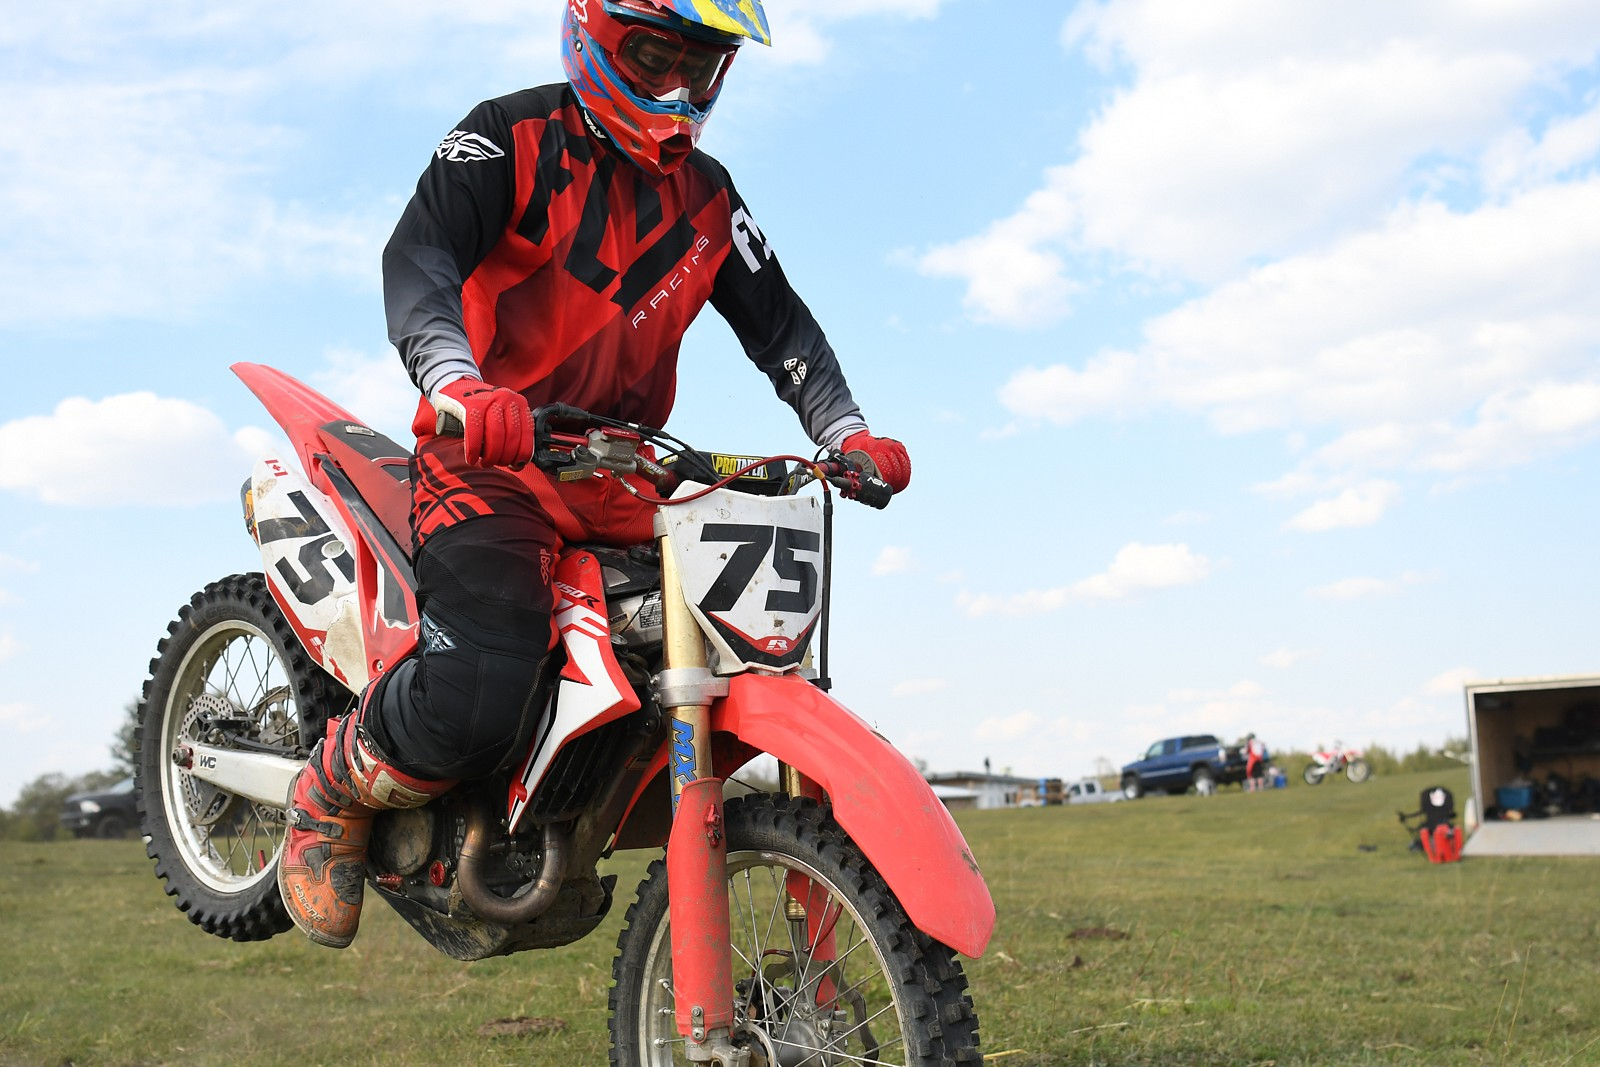 781C9EE7-9584-4447-A290-02E34F7B934E - whitechapel44 - Motocross Pictures - Vital MX